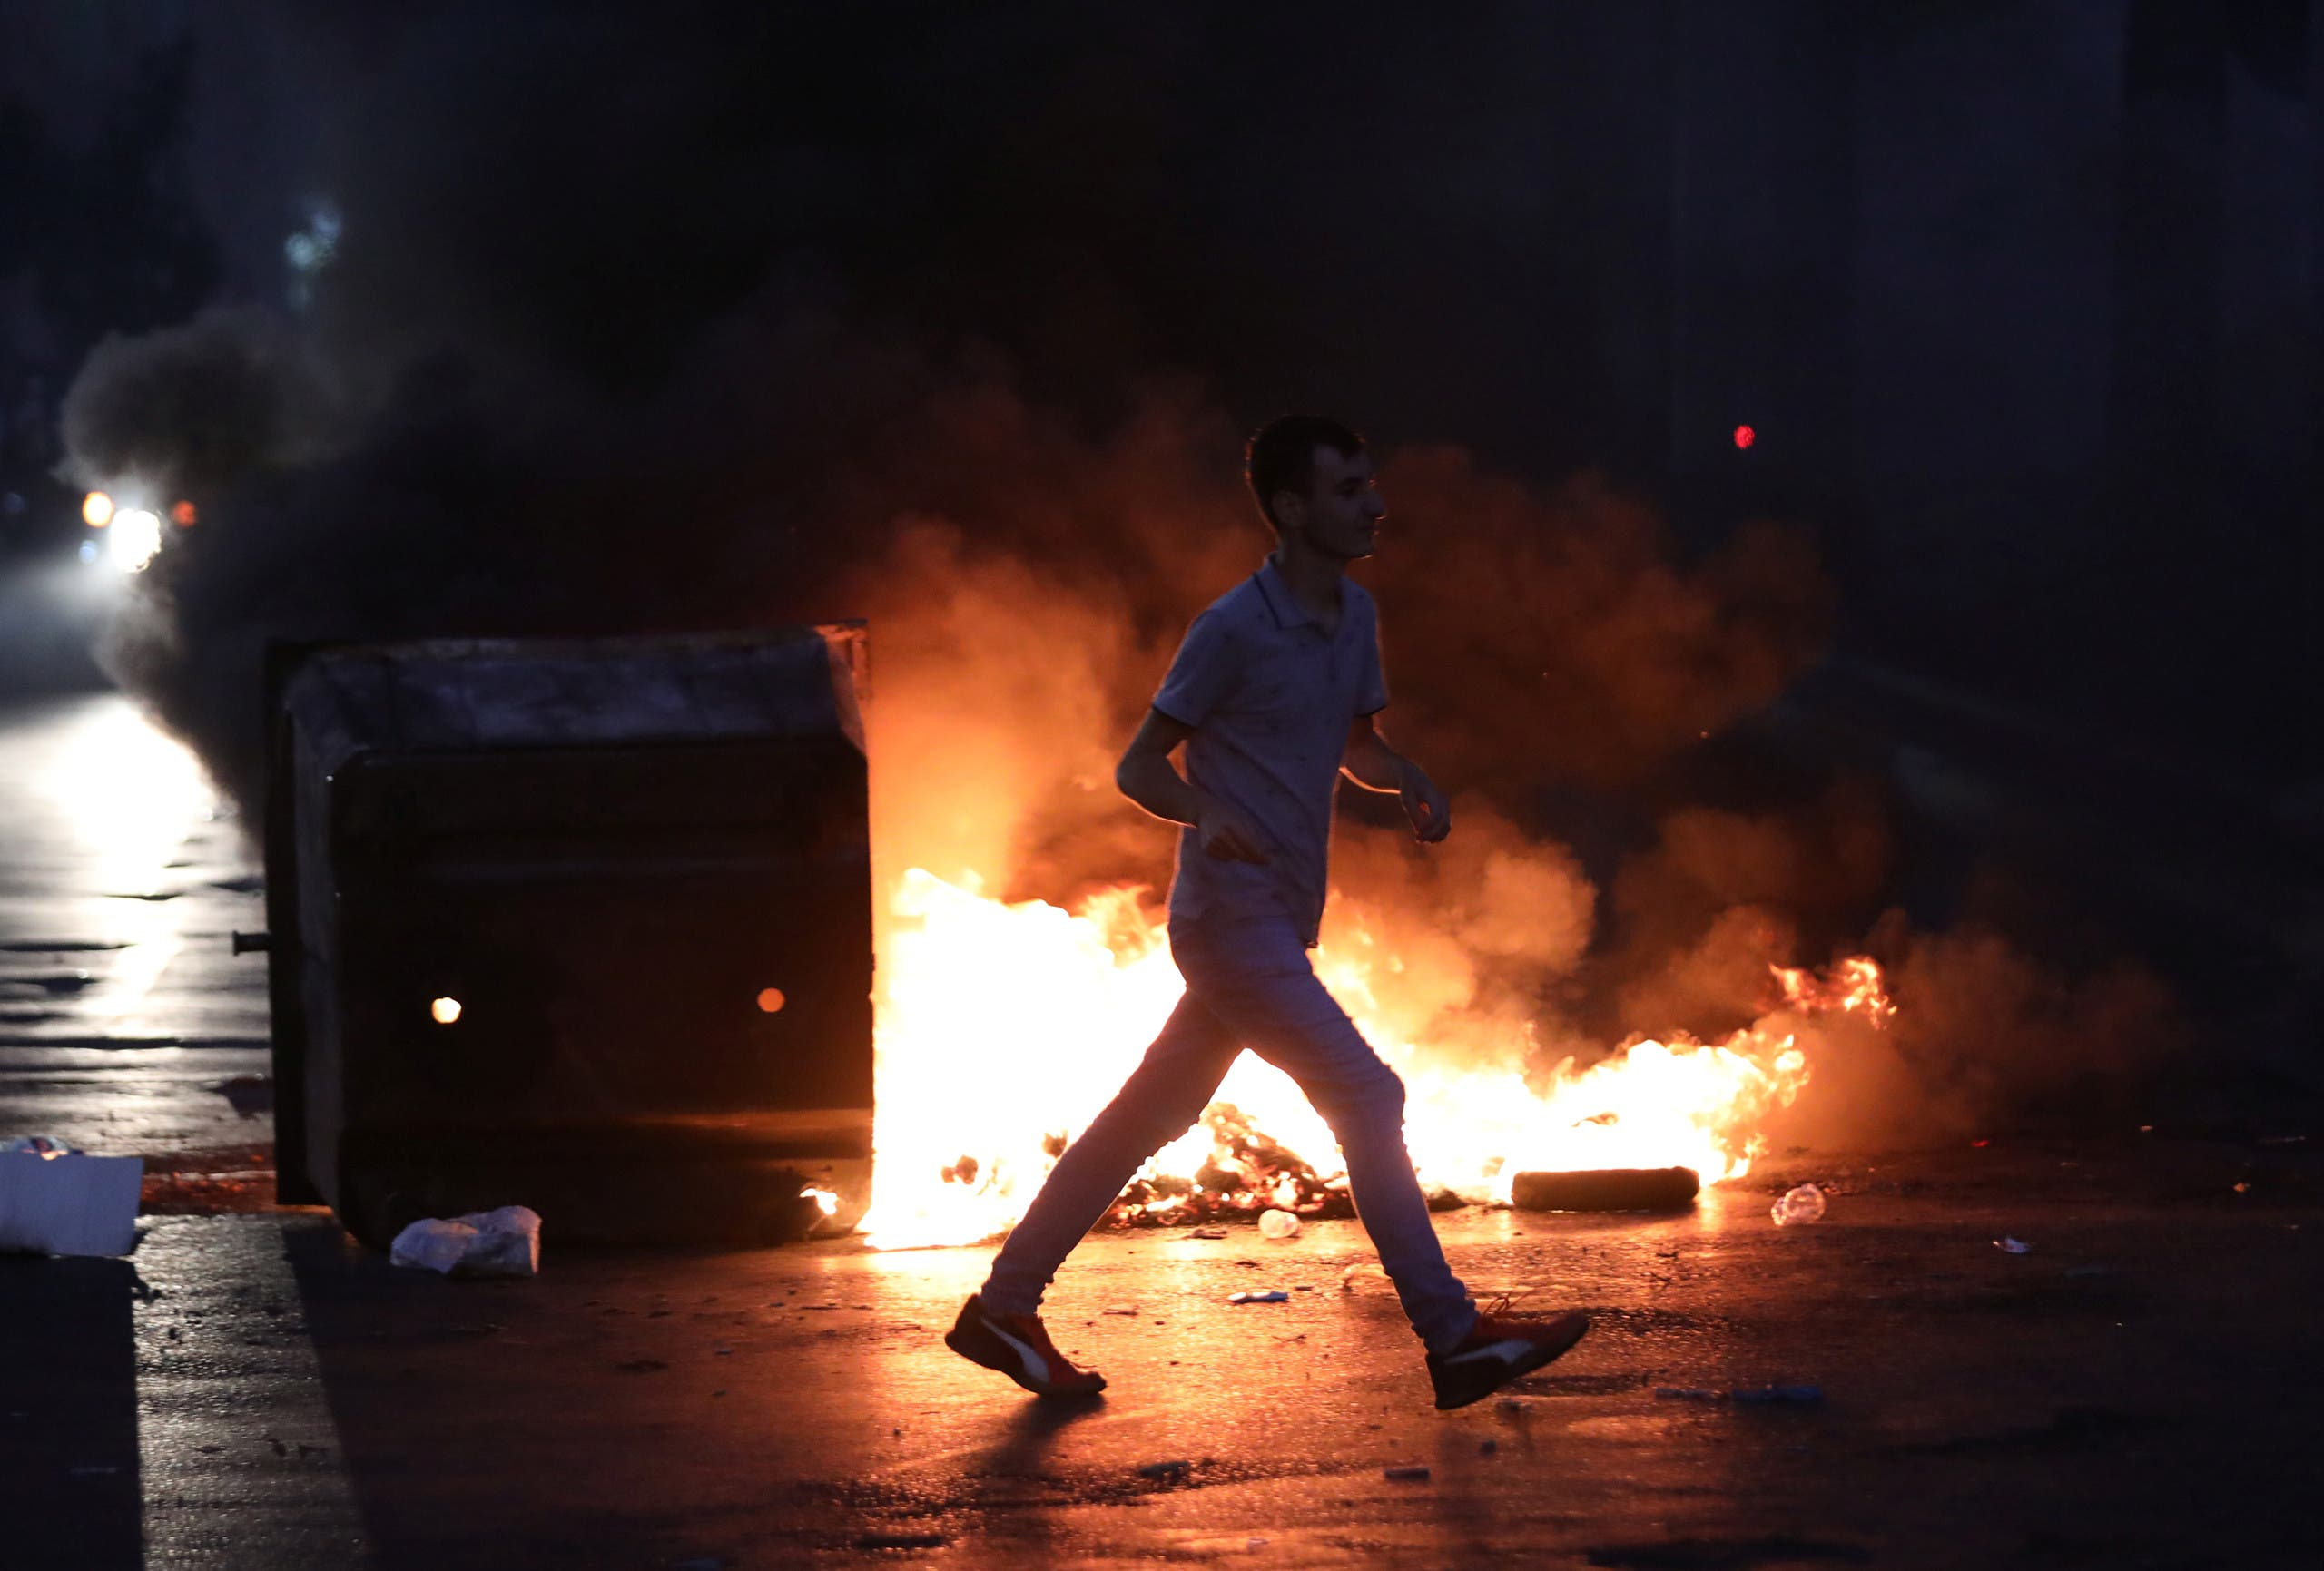 من الاحتجاجات السابقة على غلاء الأسعار ( 30 يونيو 2020 - رويترز)